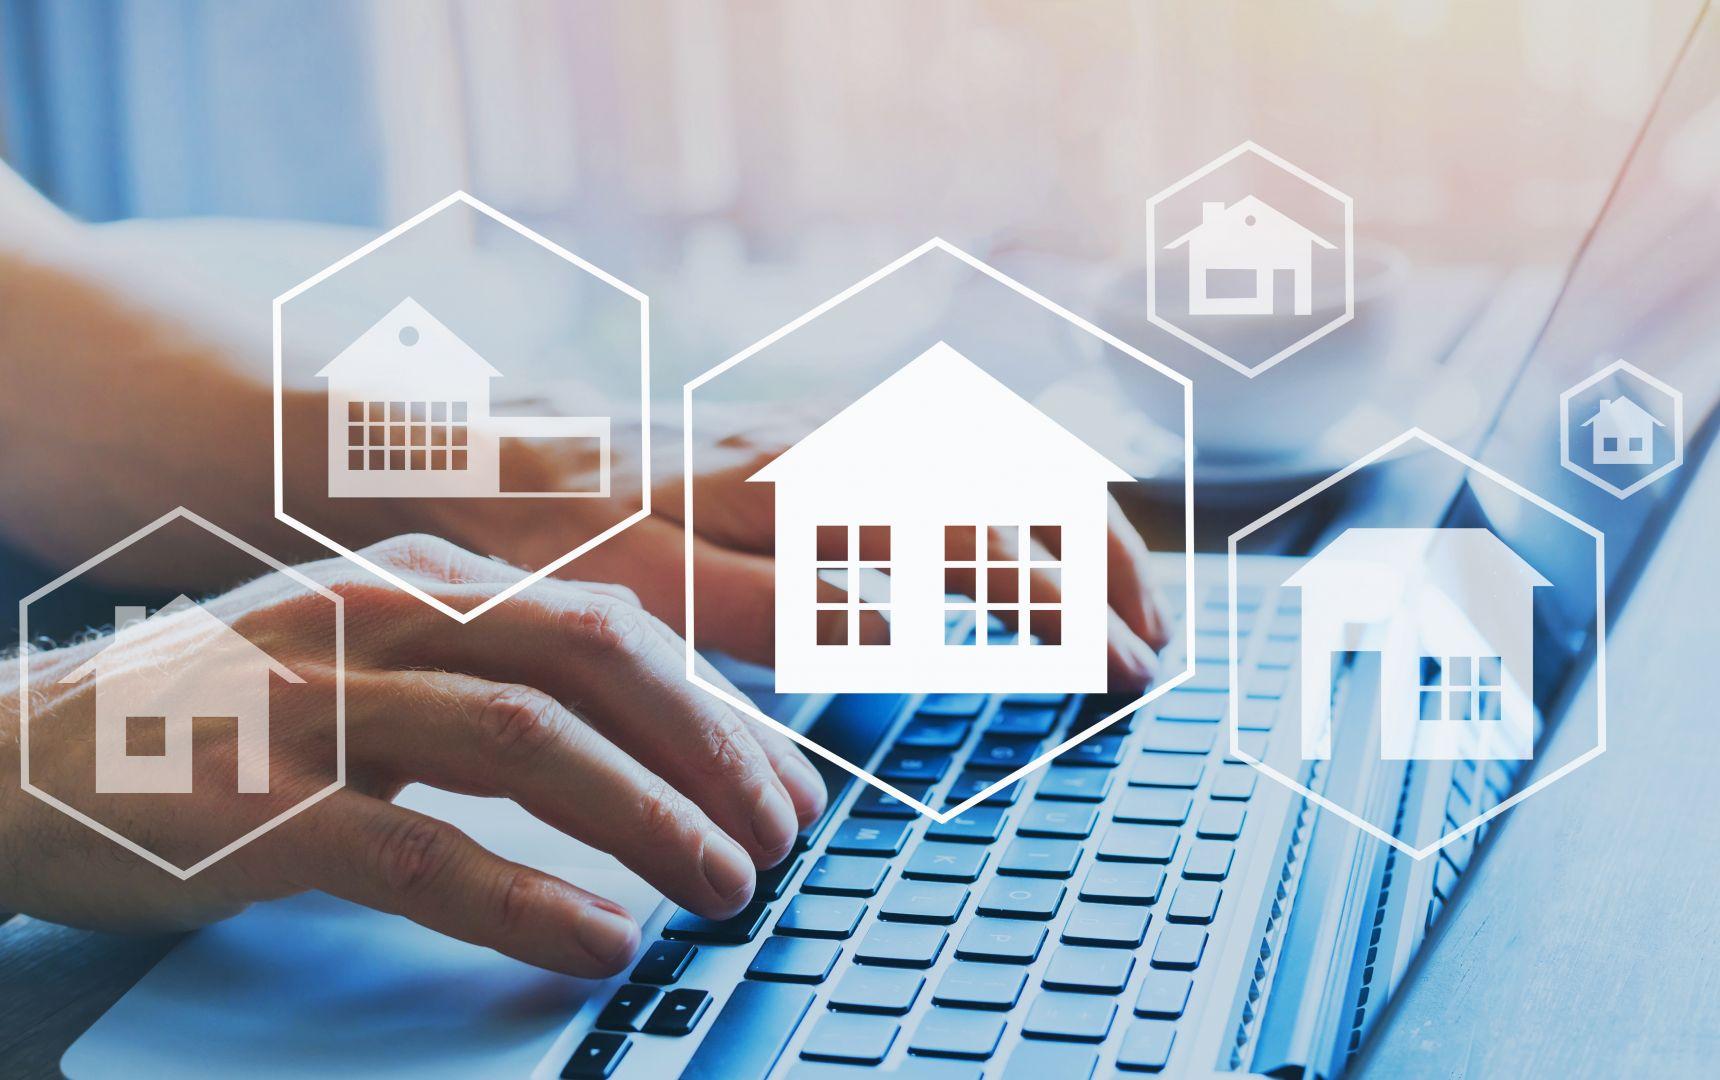 Les informations du fisc sur les biens immobiliers bientôt accessibles au public !